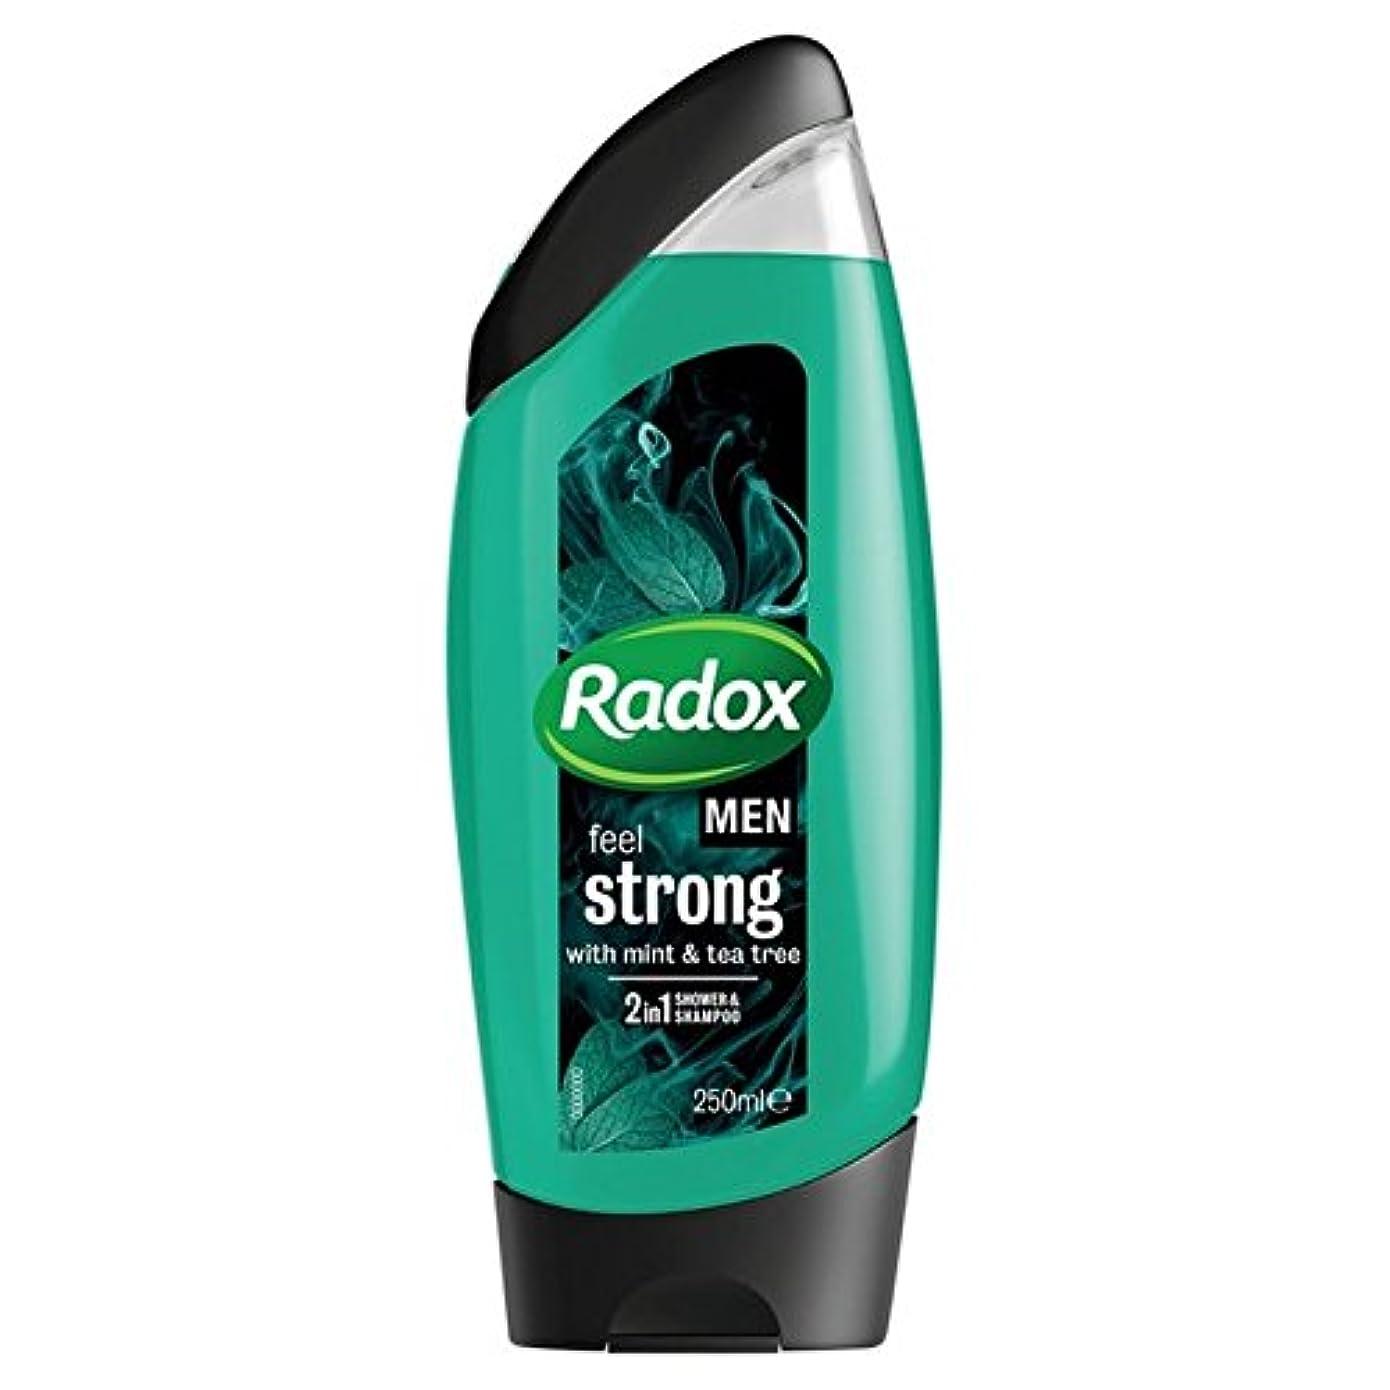 ピボット消費アパート男性は、強力なミント&ティーツリーの21のシャワージェル250ミリリットルを感じます x4 - Radox Men Feel Strong Mint & Tea Tree 2in1 Shower Gel 250ml (Pack...